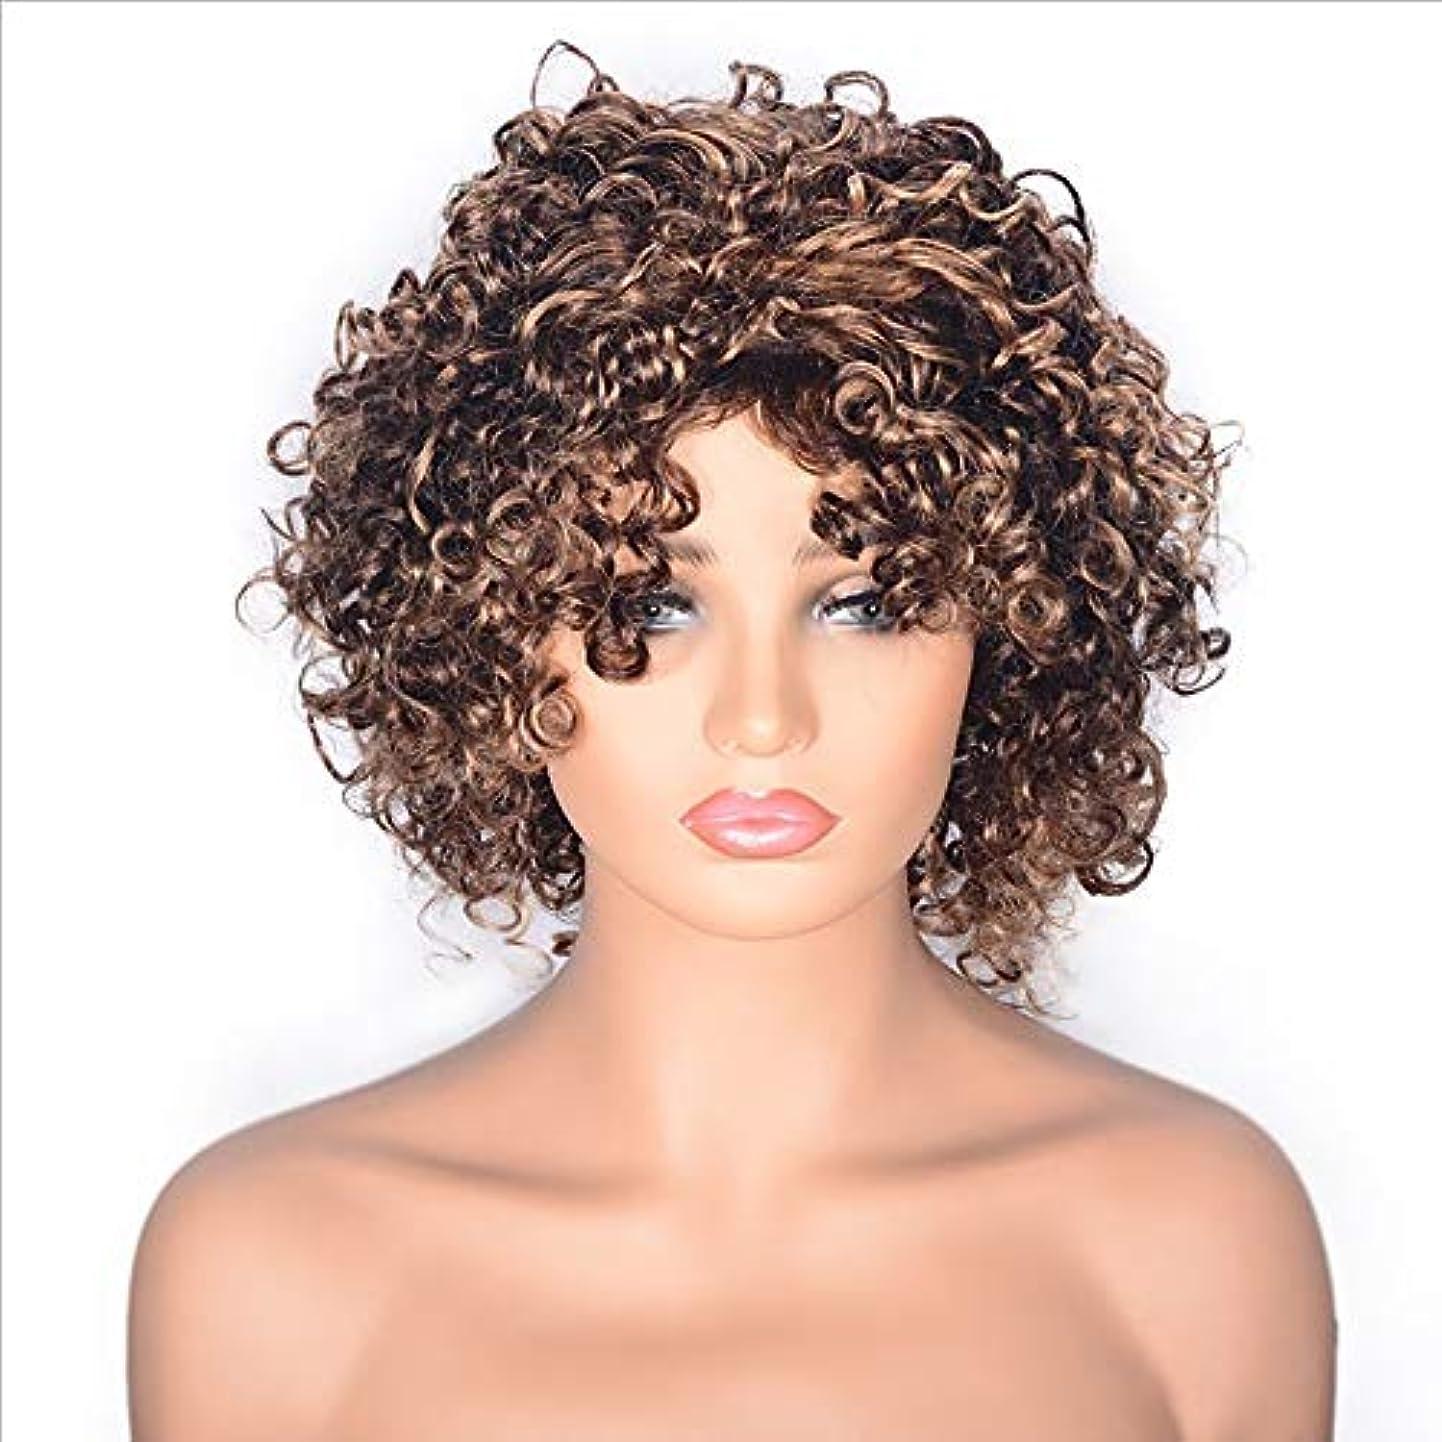 気楽なシリングいっぱいYOUQIU 虎門髪ショートカーリーウィッグブロンドとブラウンオンブルウィッグ耐熱性繊維のウィッグと黒人女性アフロ変態ウィッグ用レースフロントウィッグ (色 : ブラウン, サイズ : 12